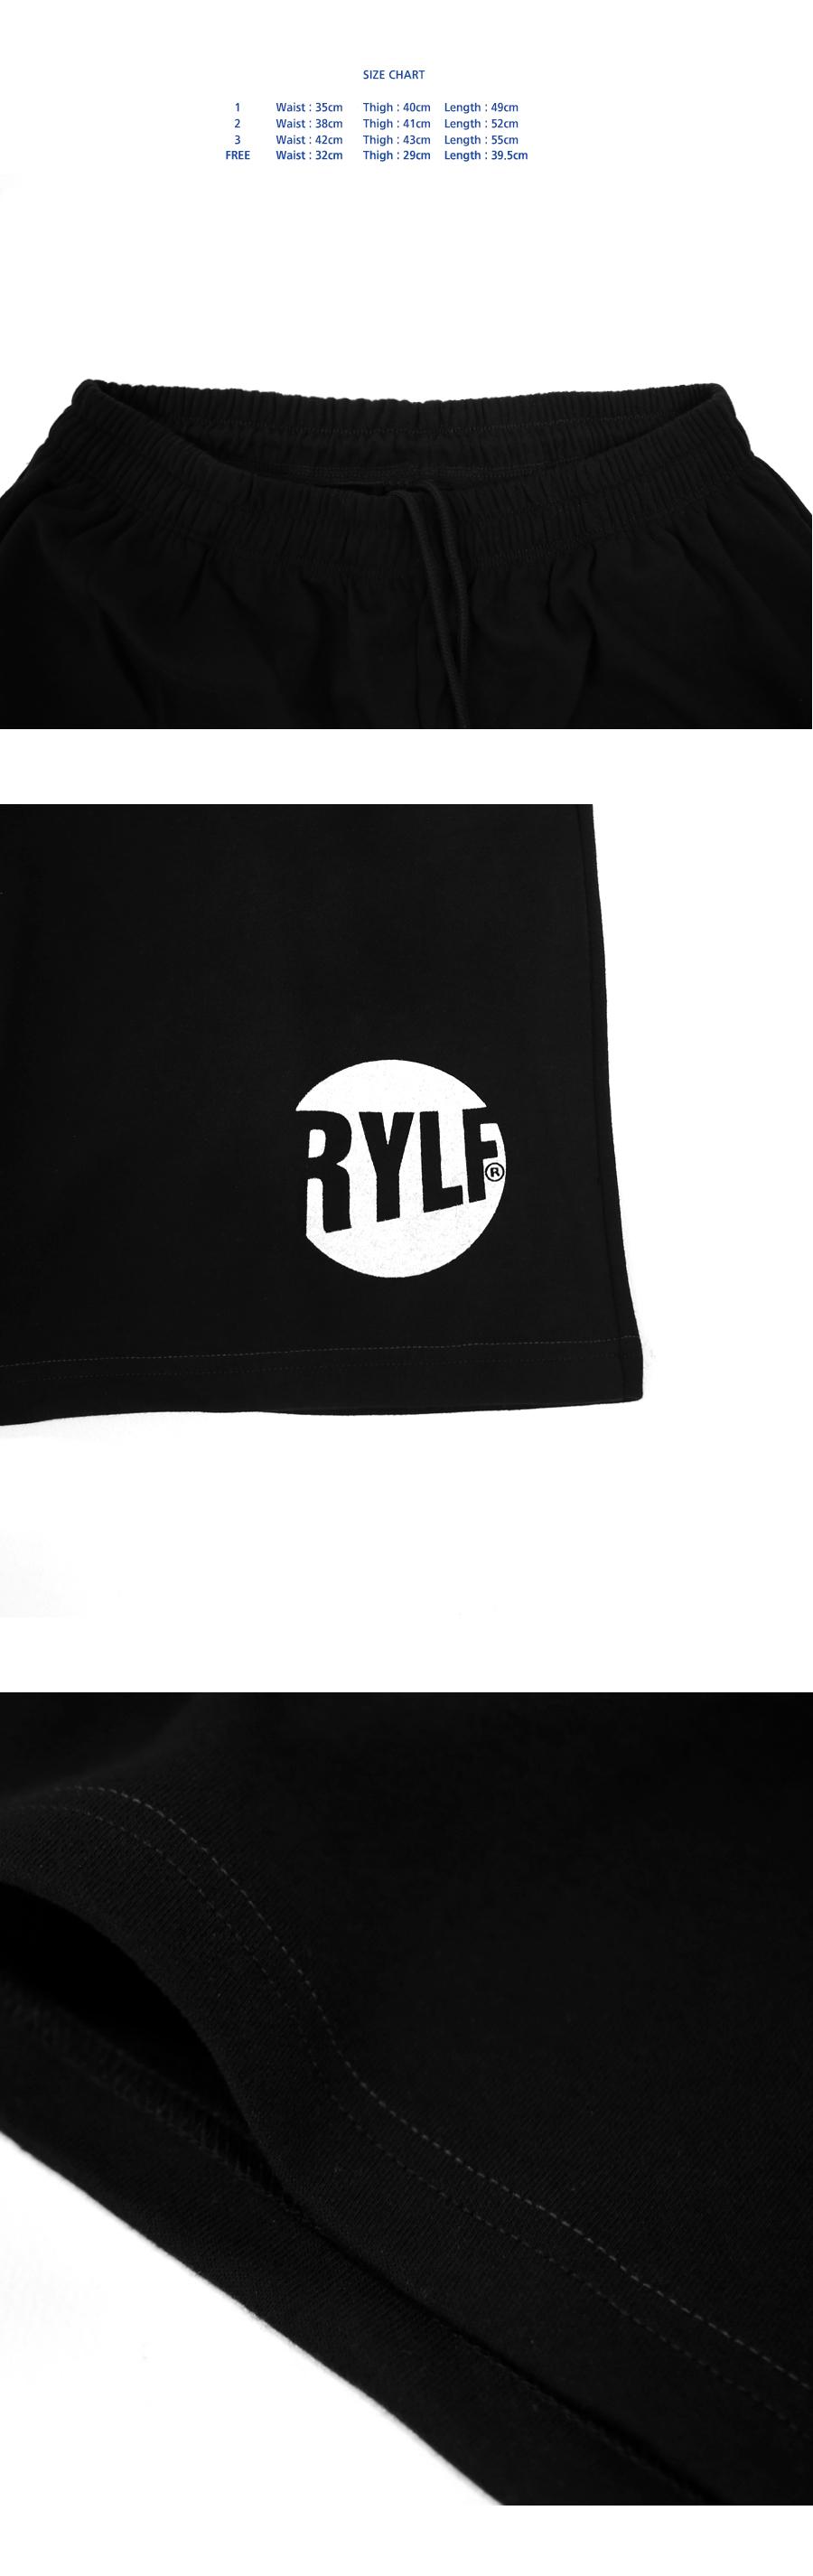 로얄라이프(ROYALLIFE) RLSP403 RYLF 서클 로고 쇼츠 - 그레이